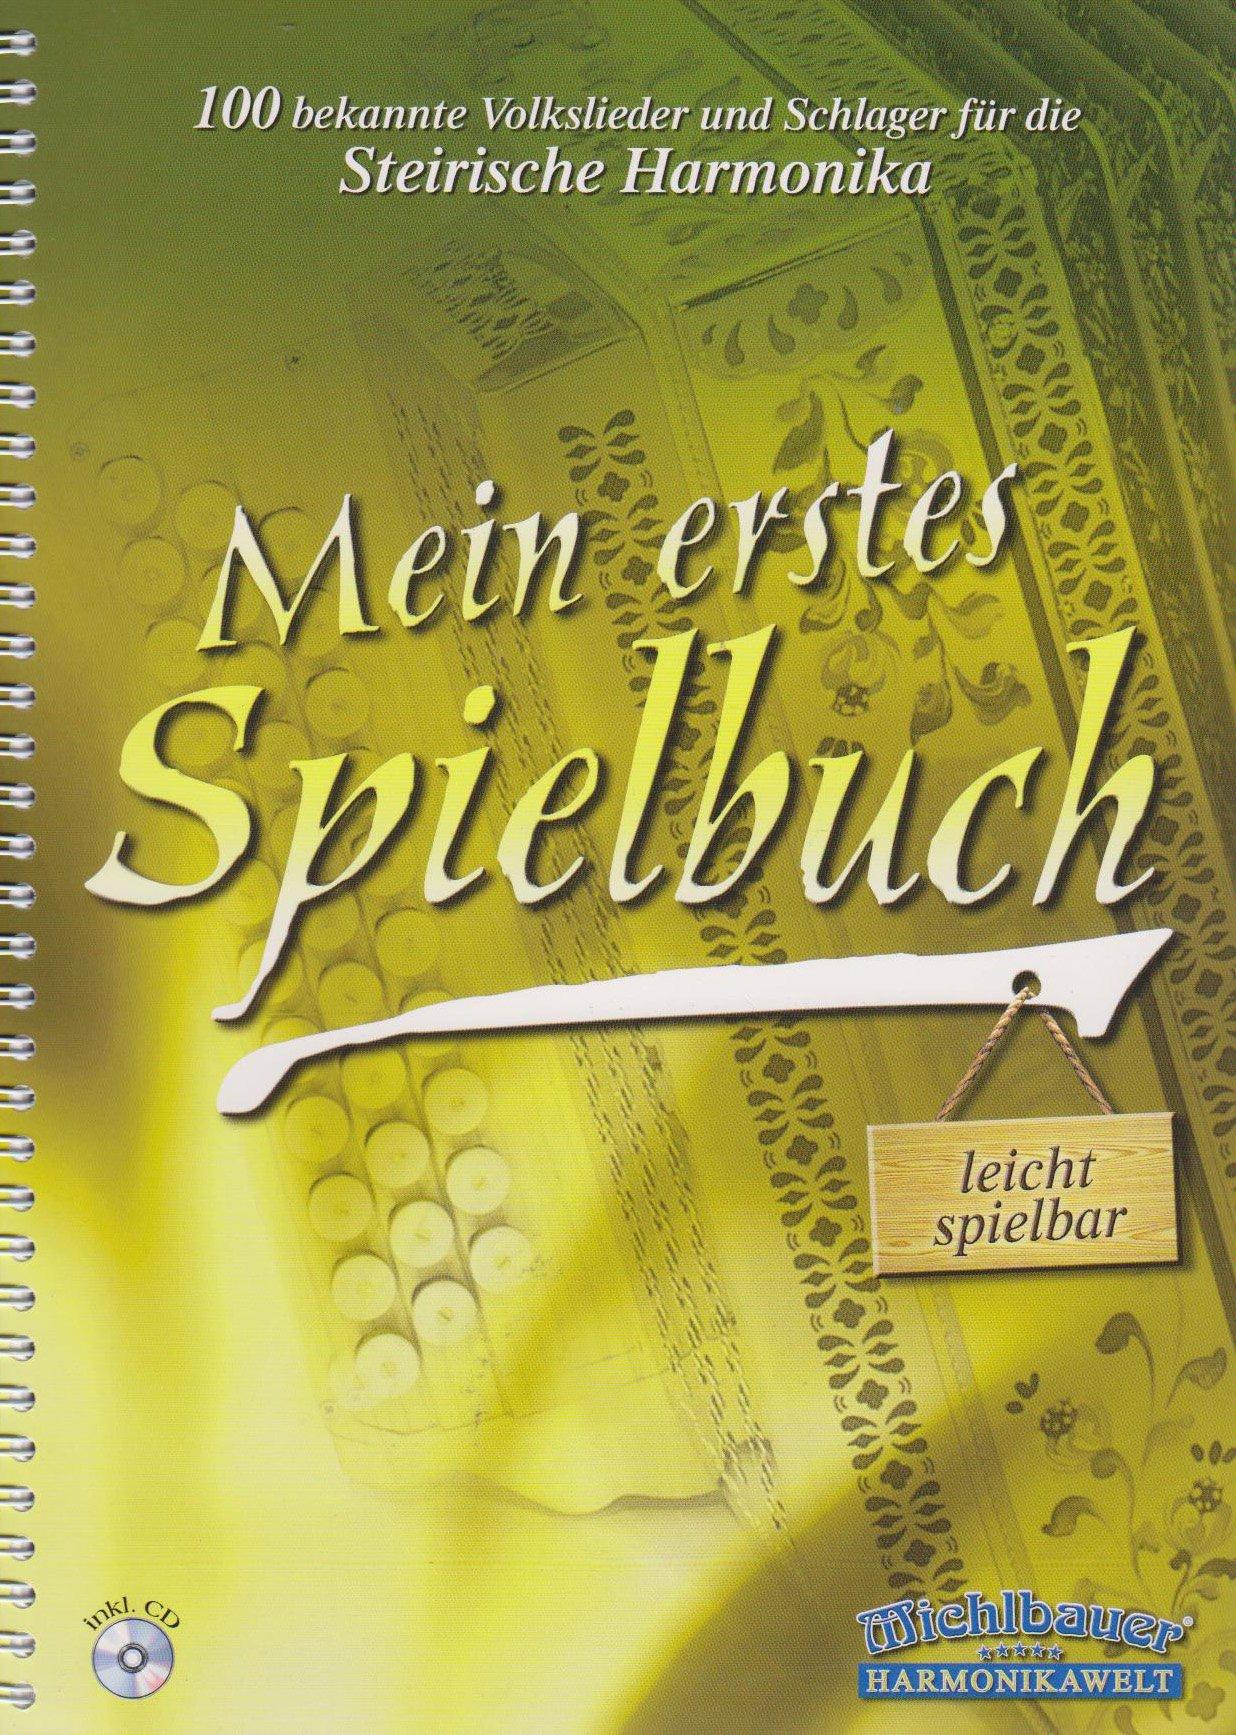 Mein Erstes Spielbuch. Handharmonika Musiknoten Michlbauer GmbH B0002CX4H2